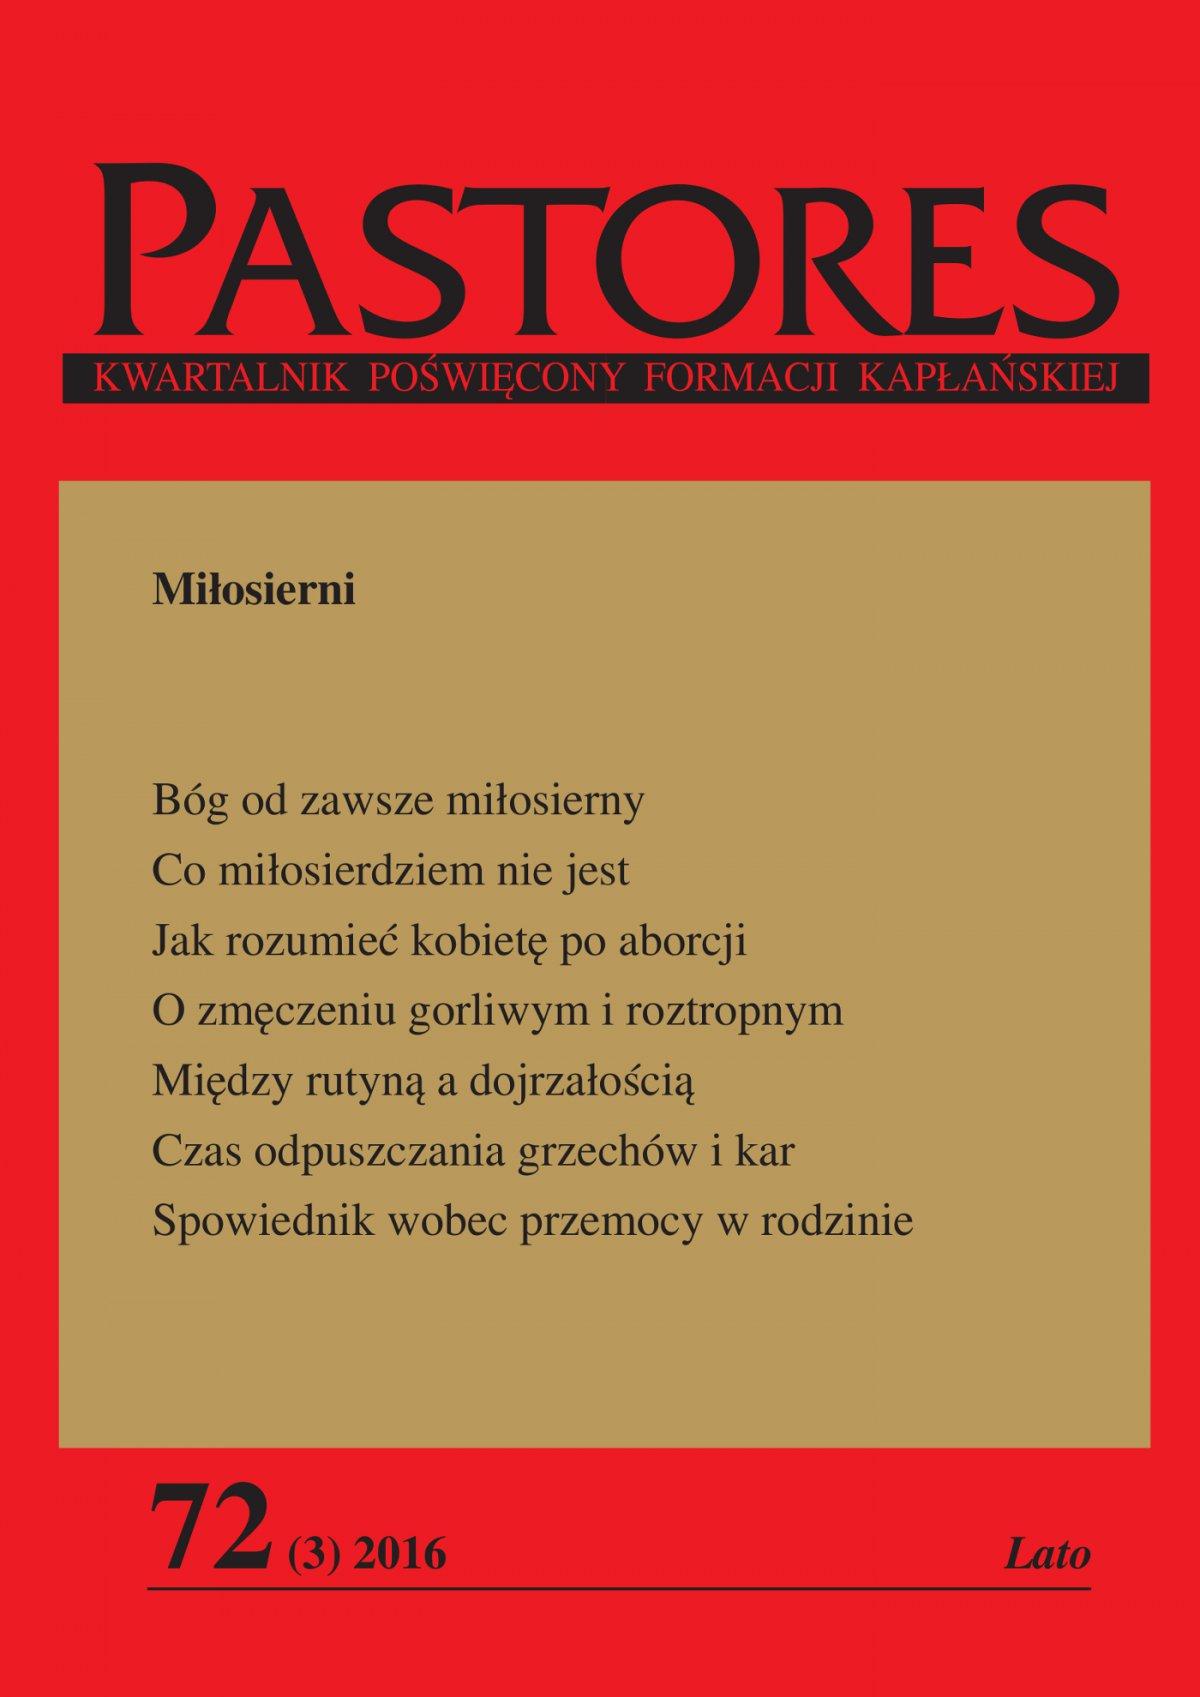 Pastores 72 (3) 2016 - Ebook (Książka EPUB) do pobrania w formacie EPUB